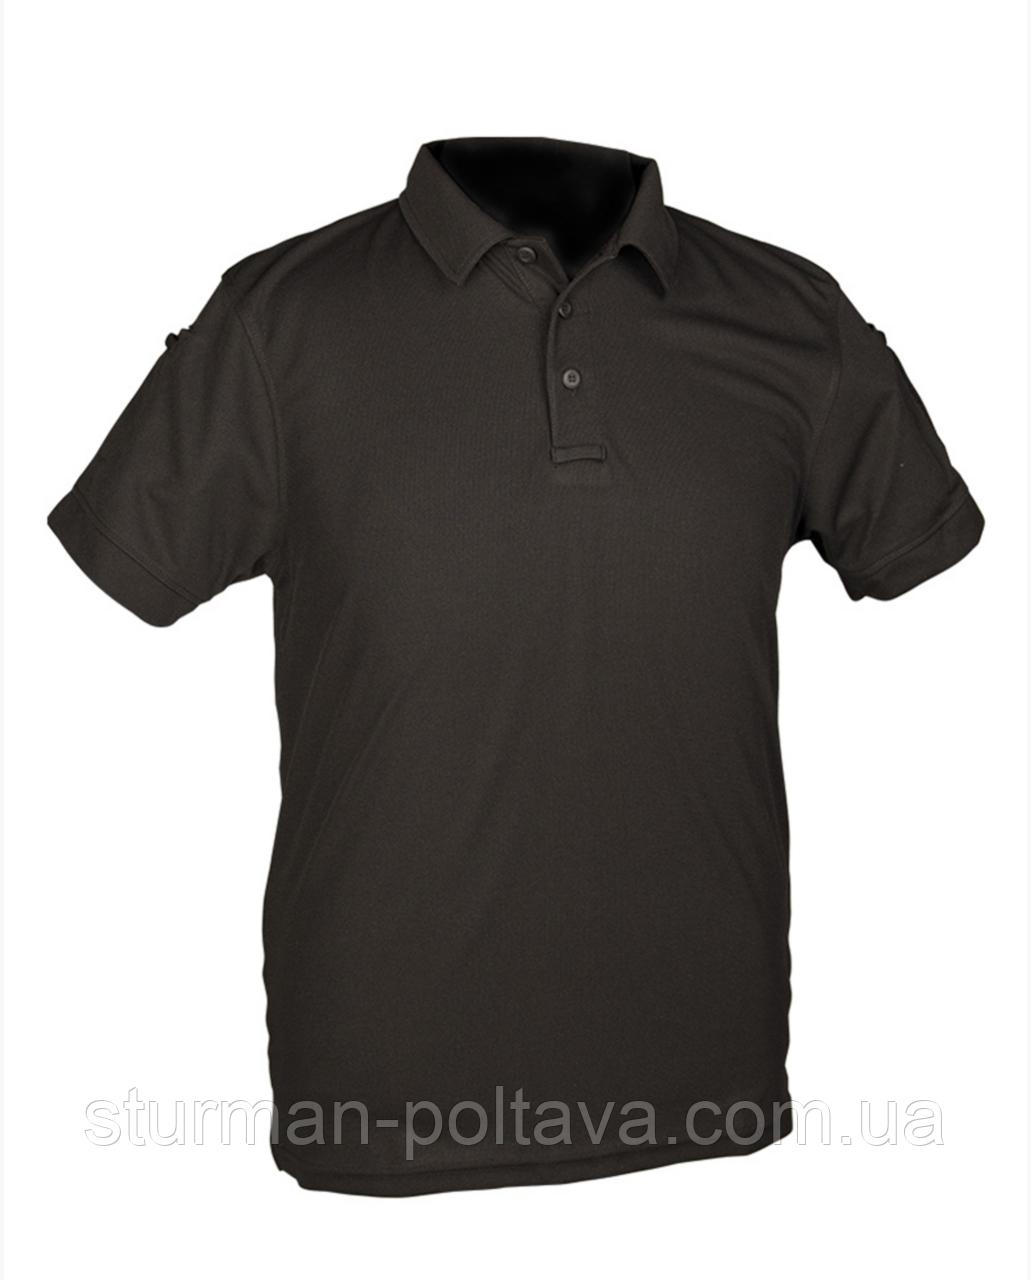 Футболка  мужская потовыводящая  POLO тактическая  черная Urban Tactical Line®   COOLMAX ® Германия